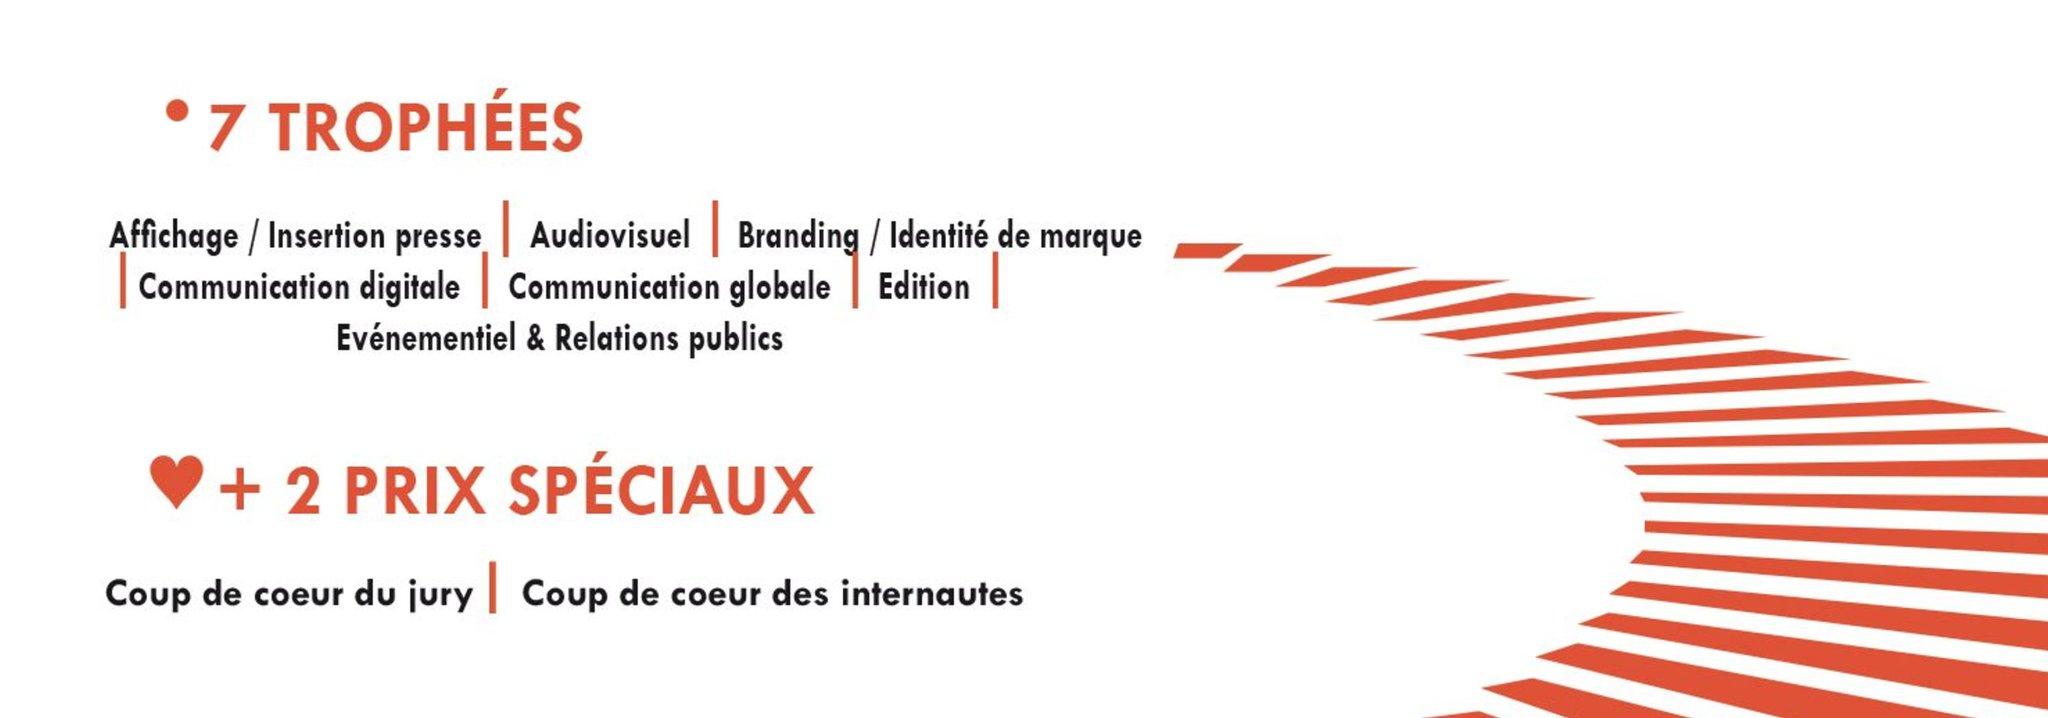 Ce soir notre directrice @lauriane_reine va remettre un prix au #TropheesCom  du Sud-Ouest ! https://t.co/SqKCZ6KBQF